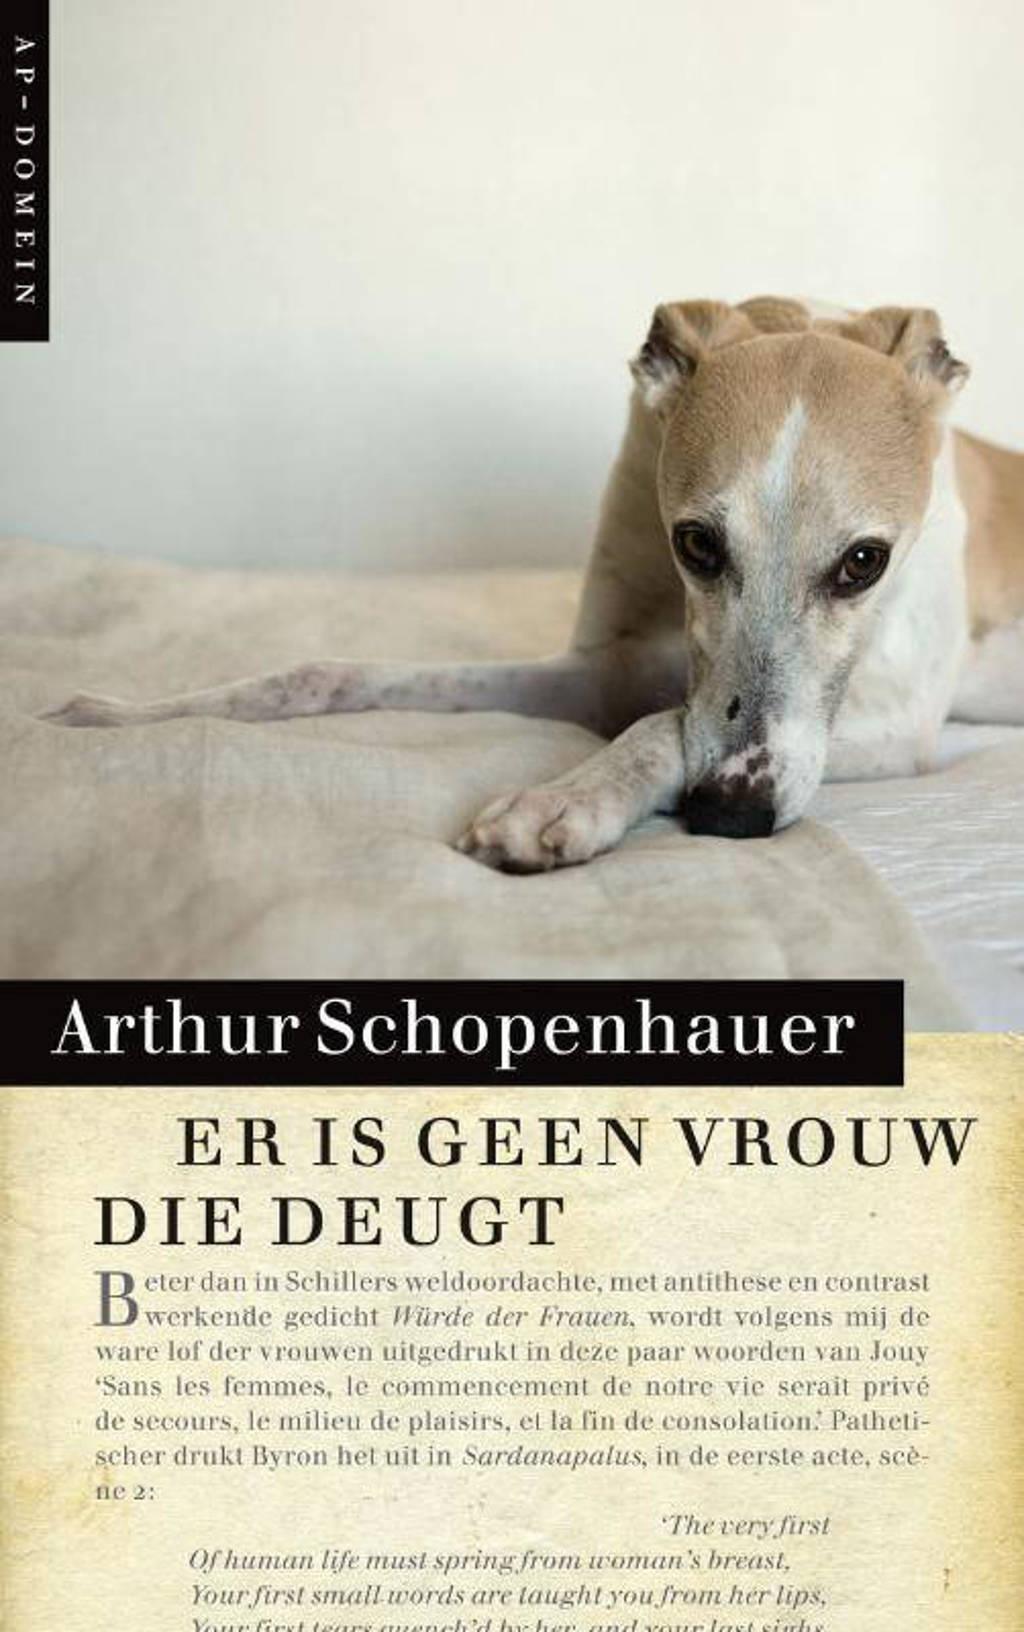 Er is geen vrouw die deugt - Arthur Schopenhauer